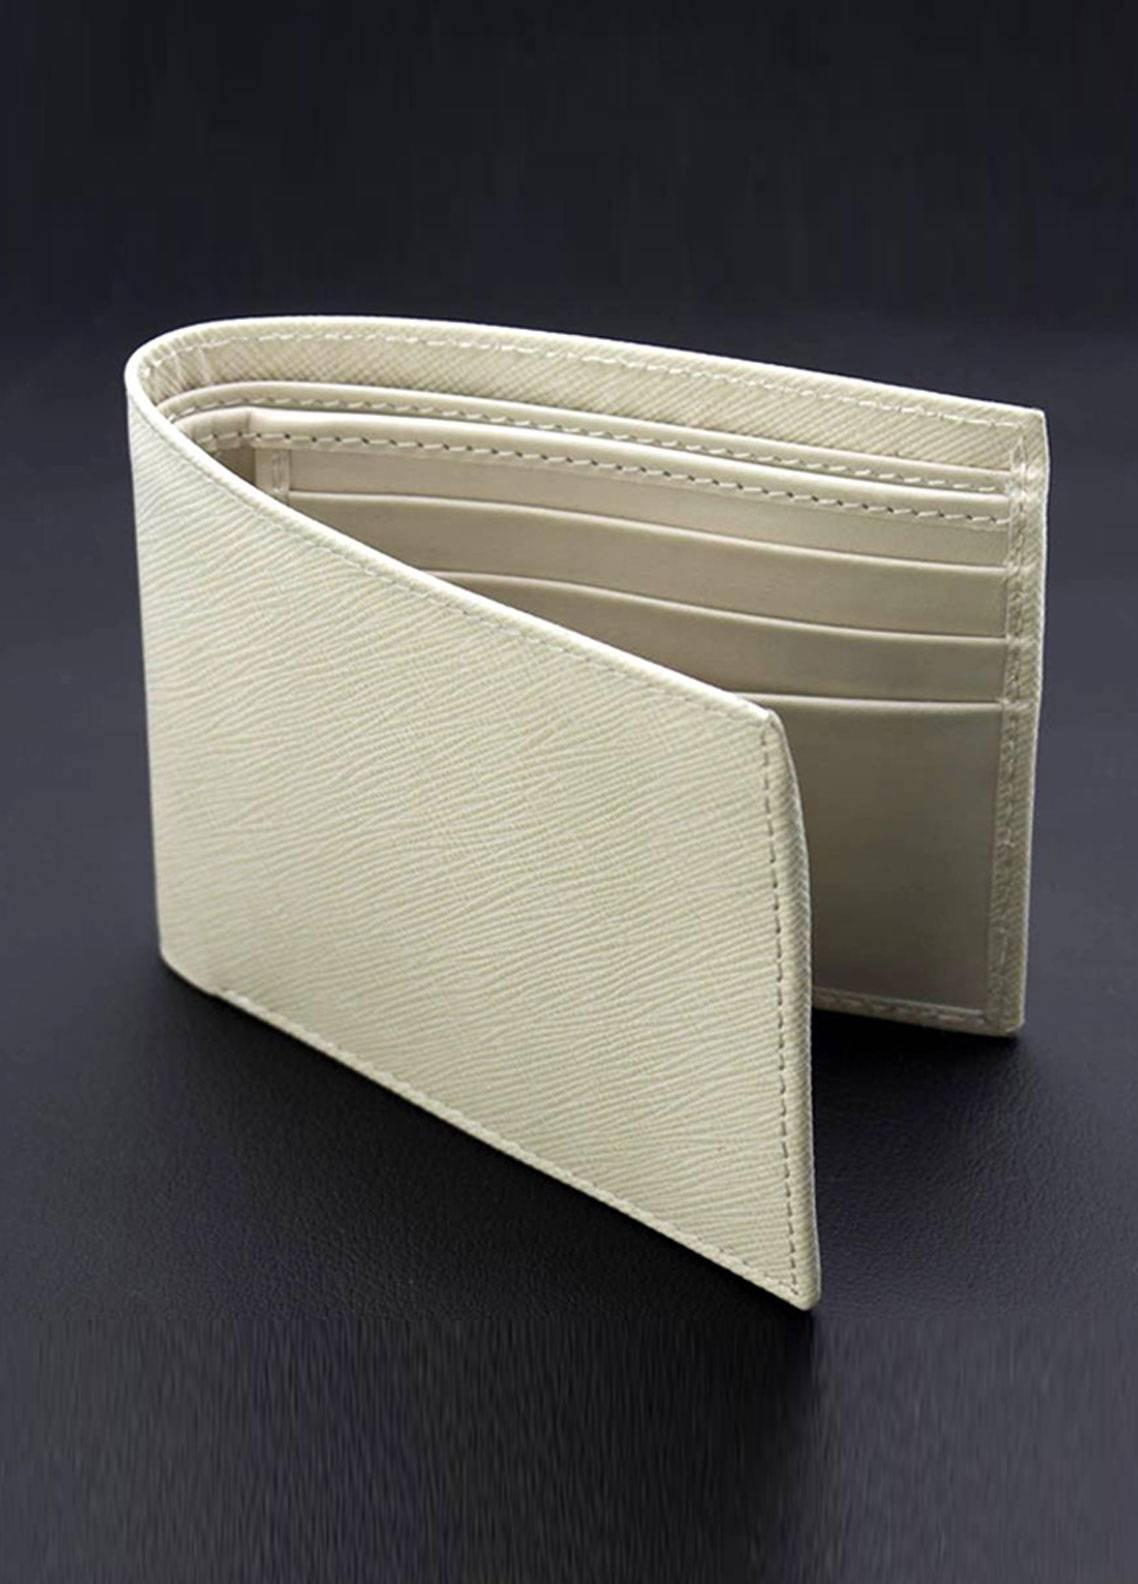 Skangen Vertical Premium Cow Leather Lined Texture Wallets SKWT-1001 - Men's Accessories